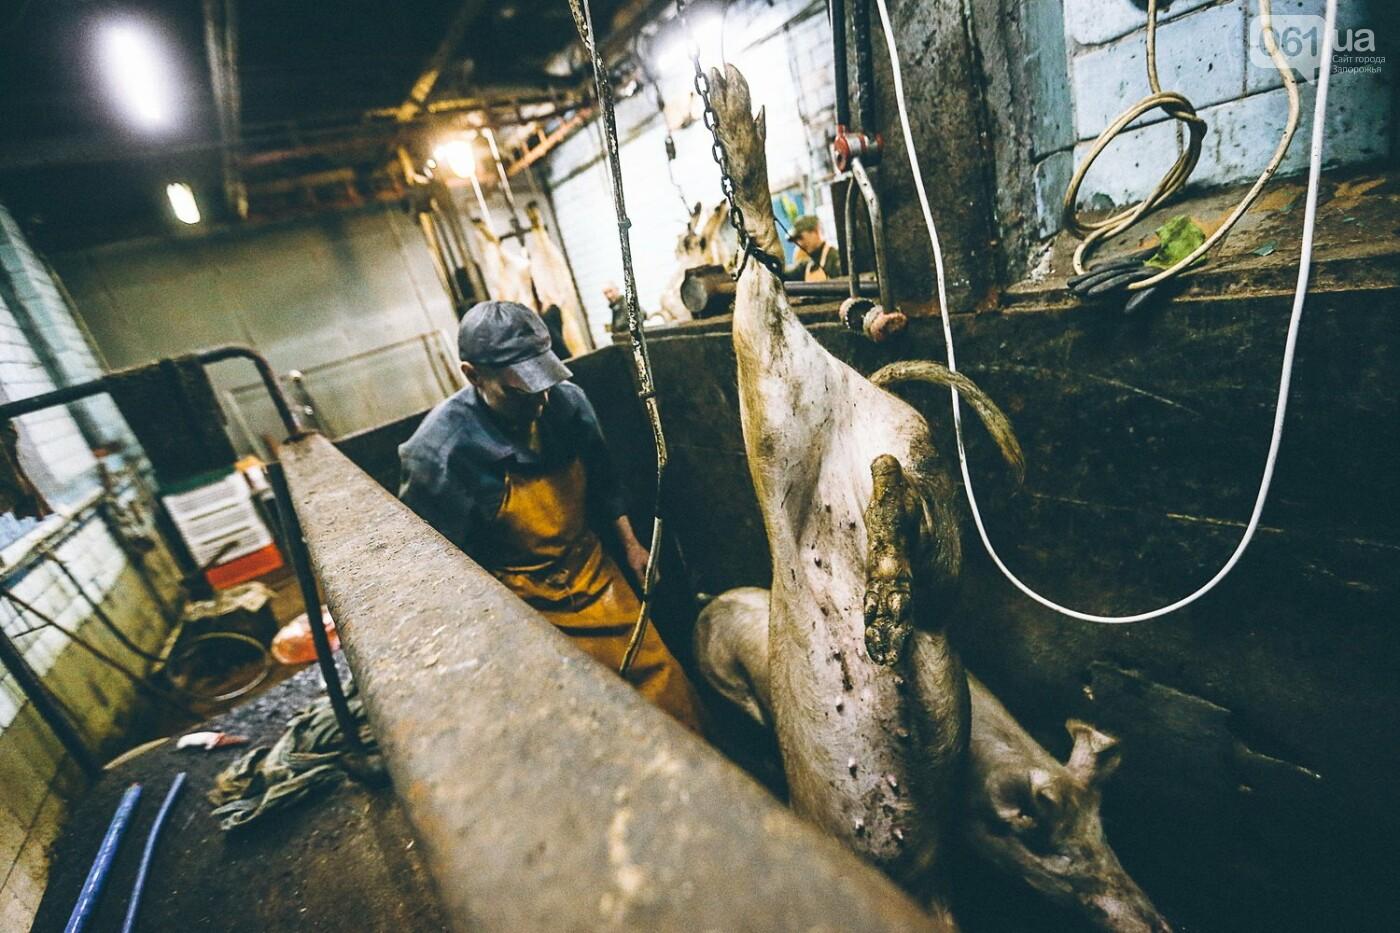 Забой скота в Украине приходит к европейским стандартам - ФОТОРЕПОРТАЖ 18+, фото-6